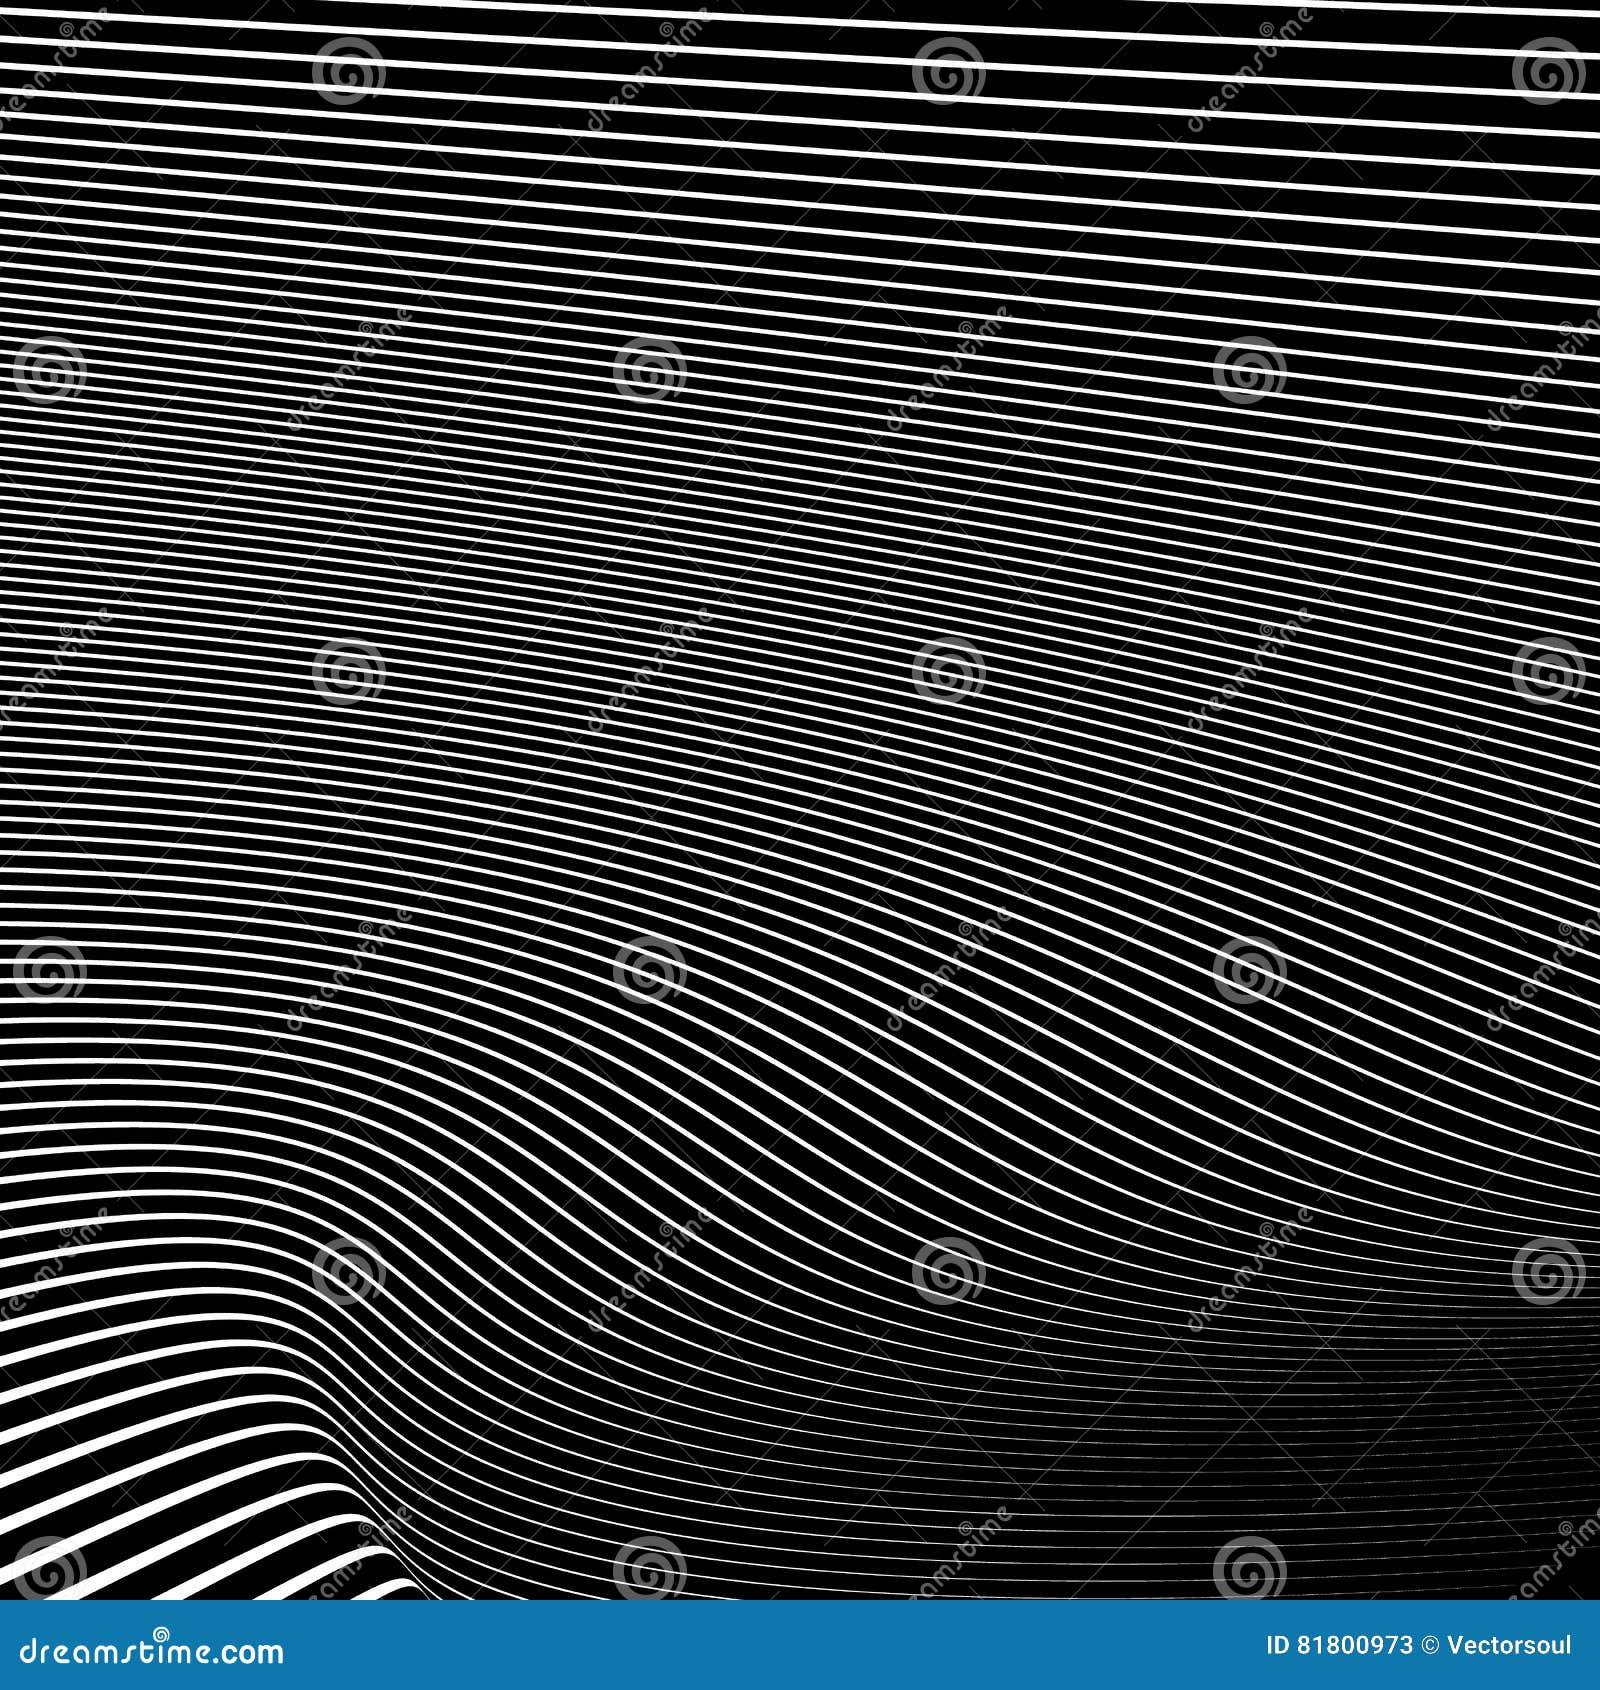 Простые динамические линии картина геометрическая картина Monochrome abst